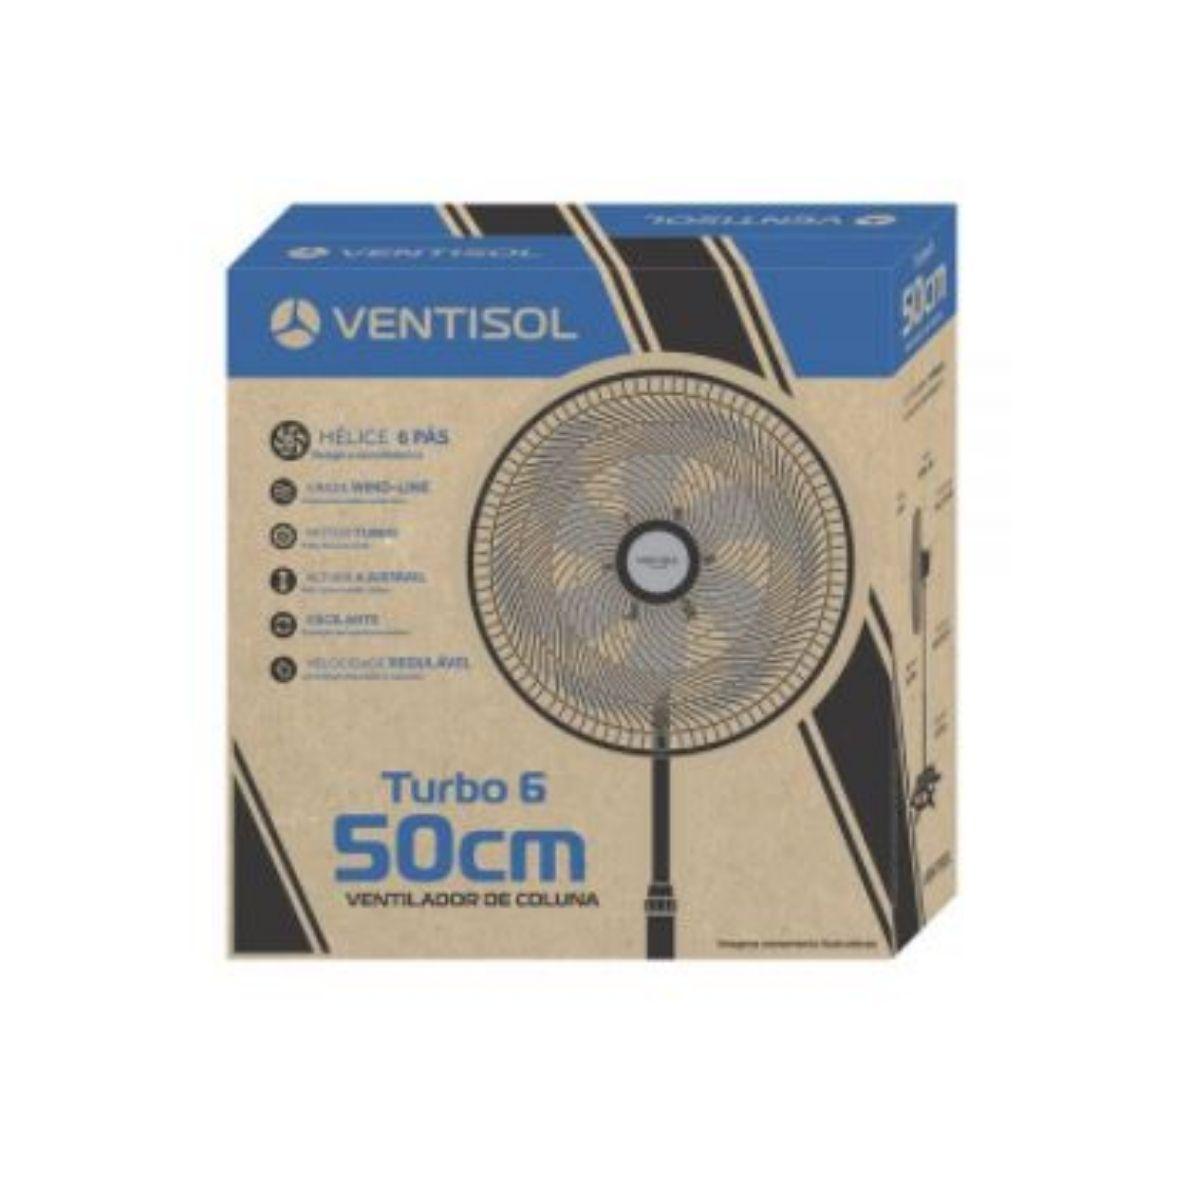 Ventilador de Coluna Preto 50cm Turbo 6 Pás Oscilante Ventisol